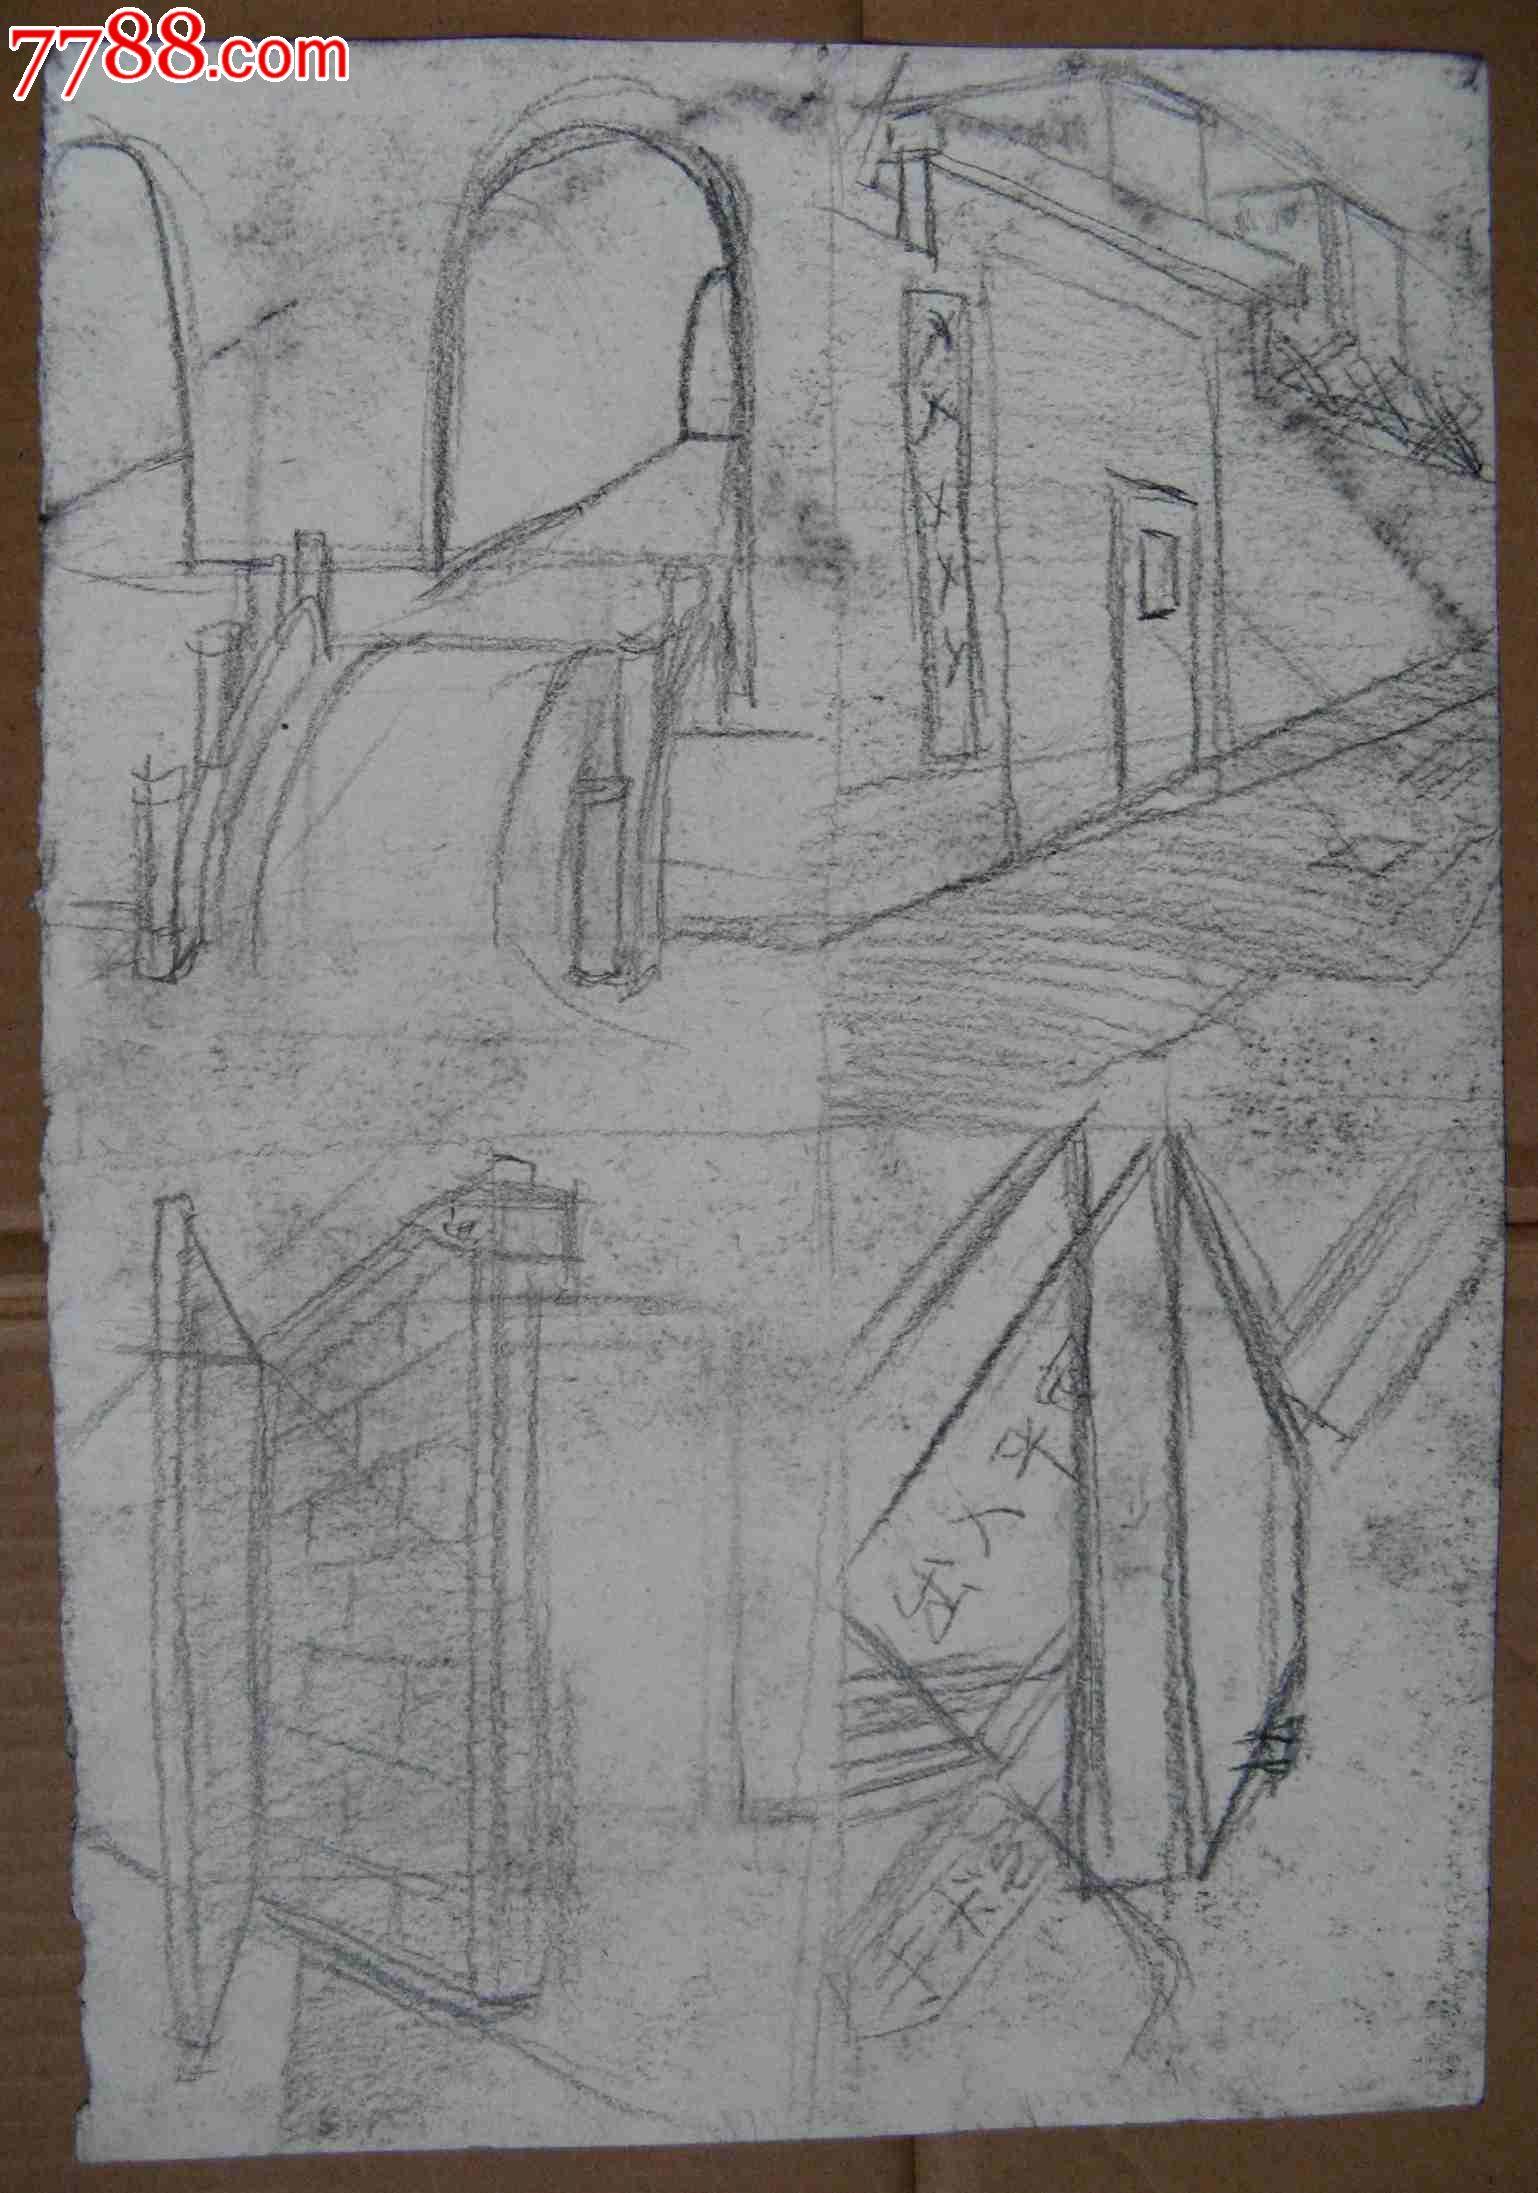 铅笔素描画:派出所大门